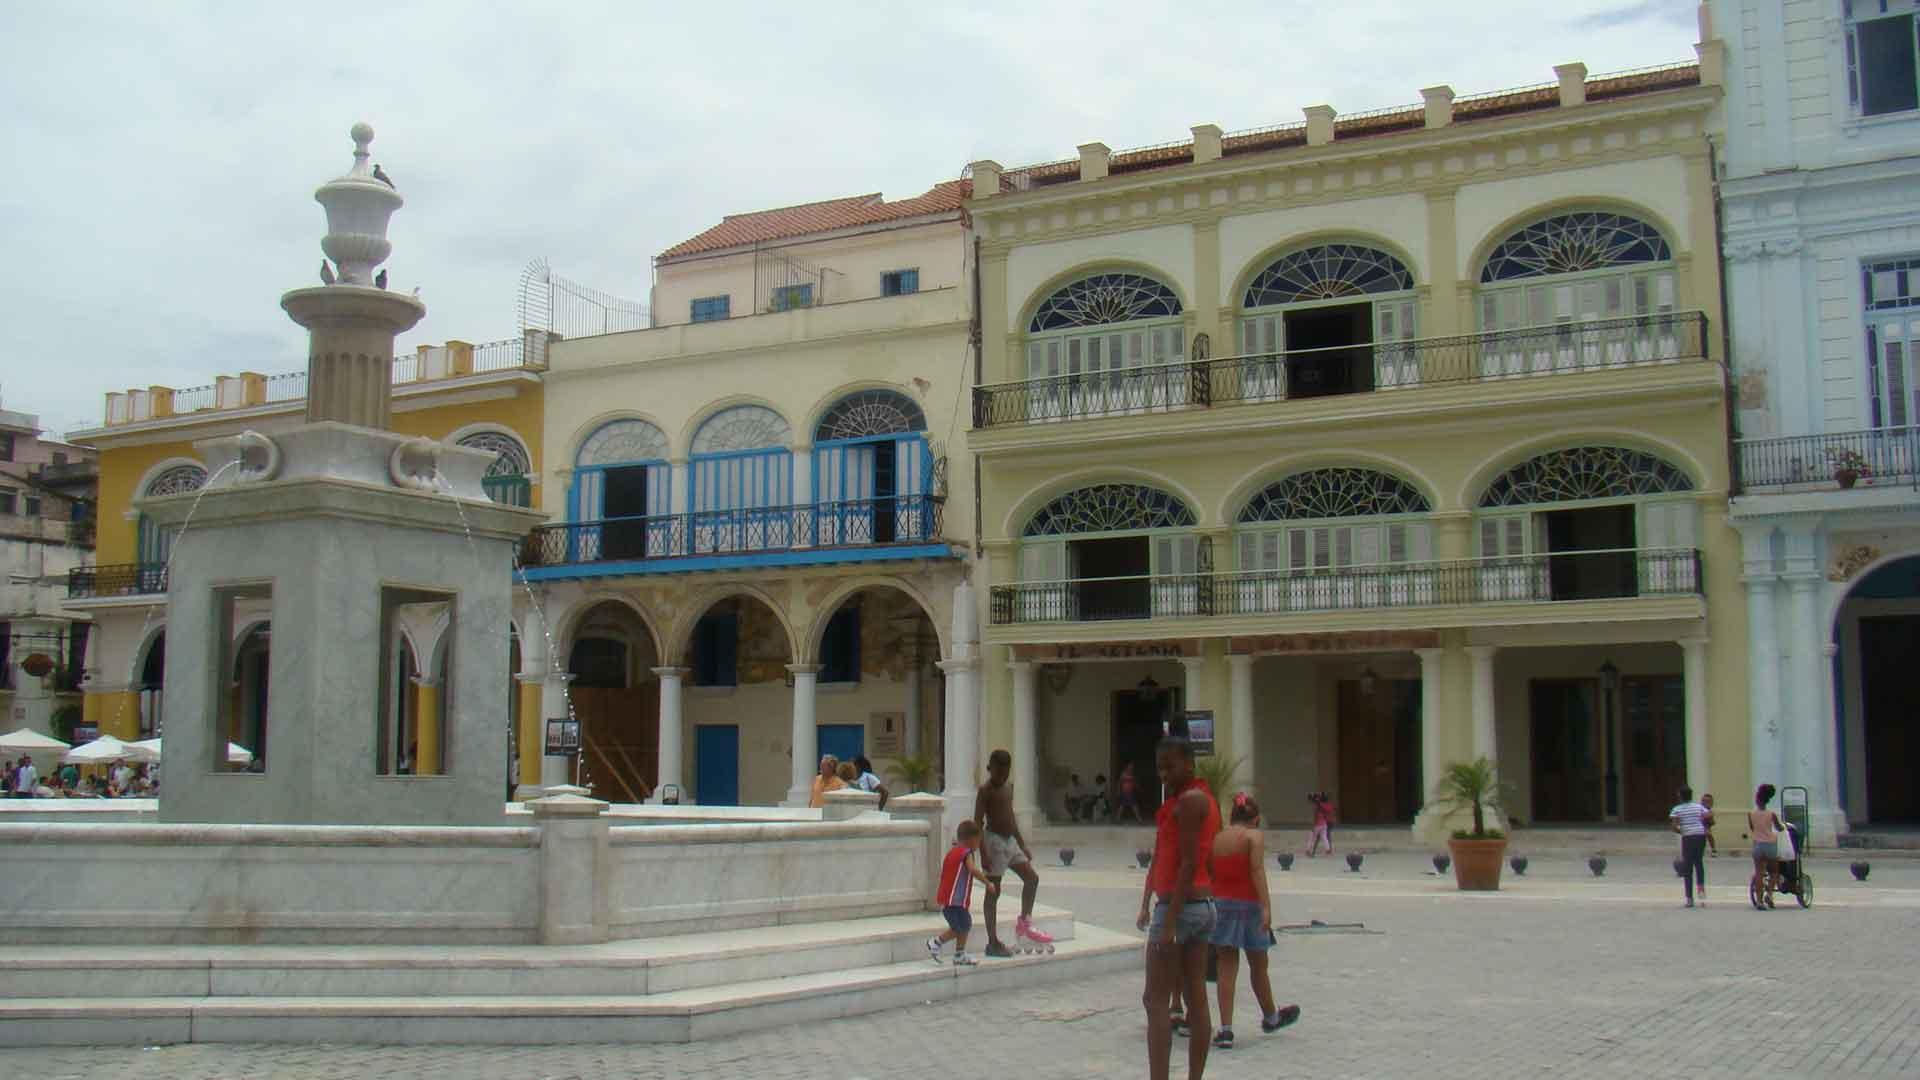 San Ignacio 360 - Plaza Vieja